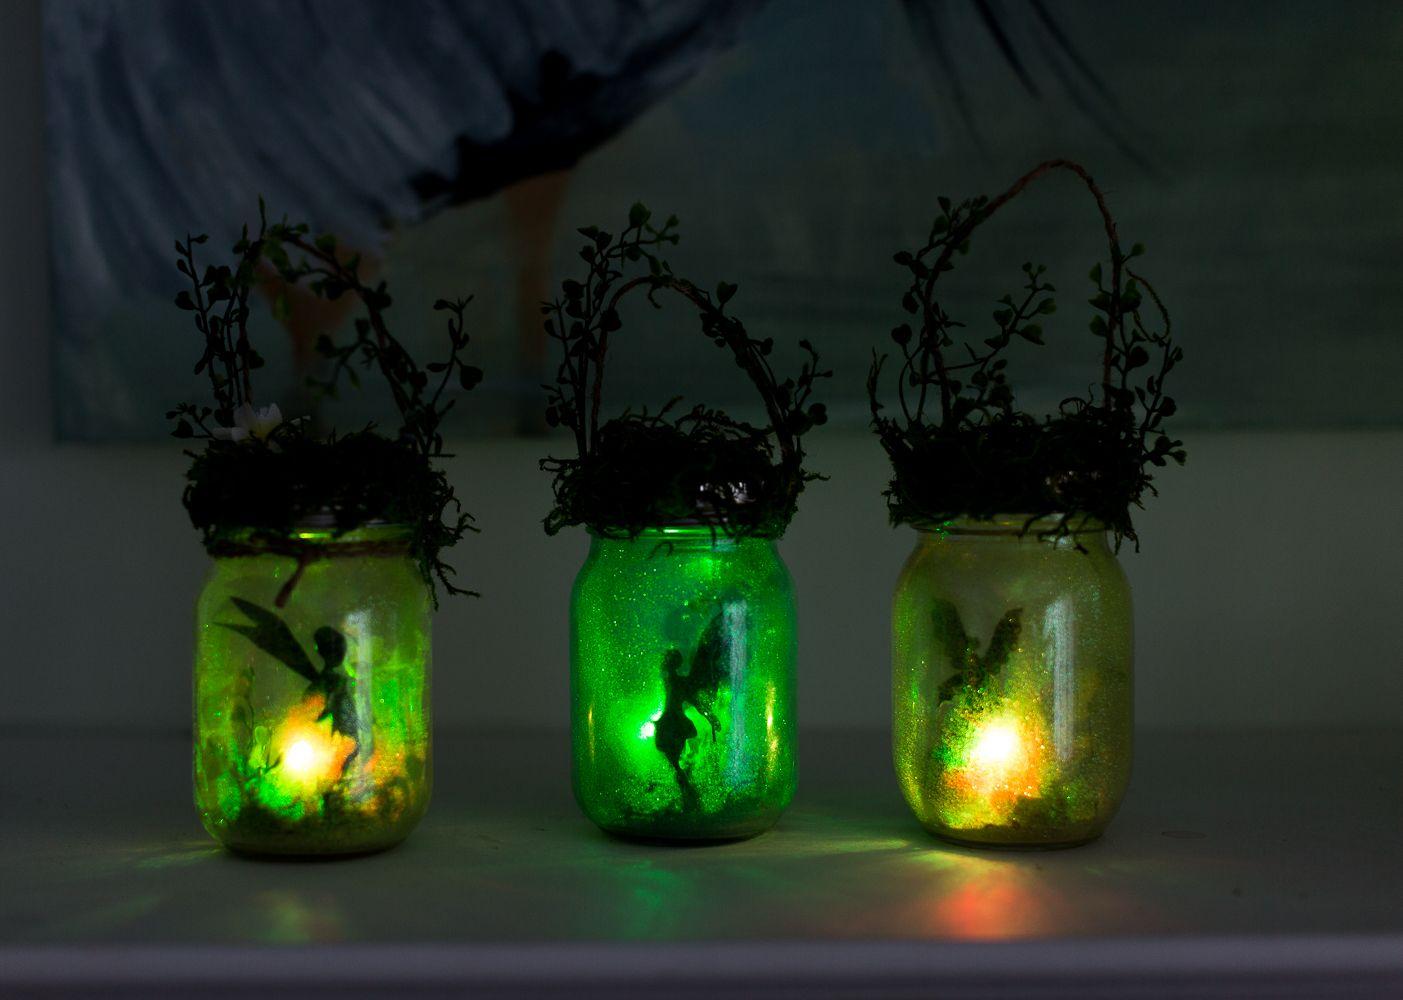 Волшебные фонарики- подсвечники к Новому году. Мастер-класс